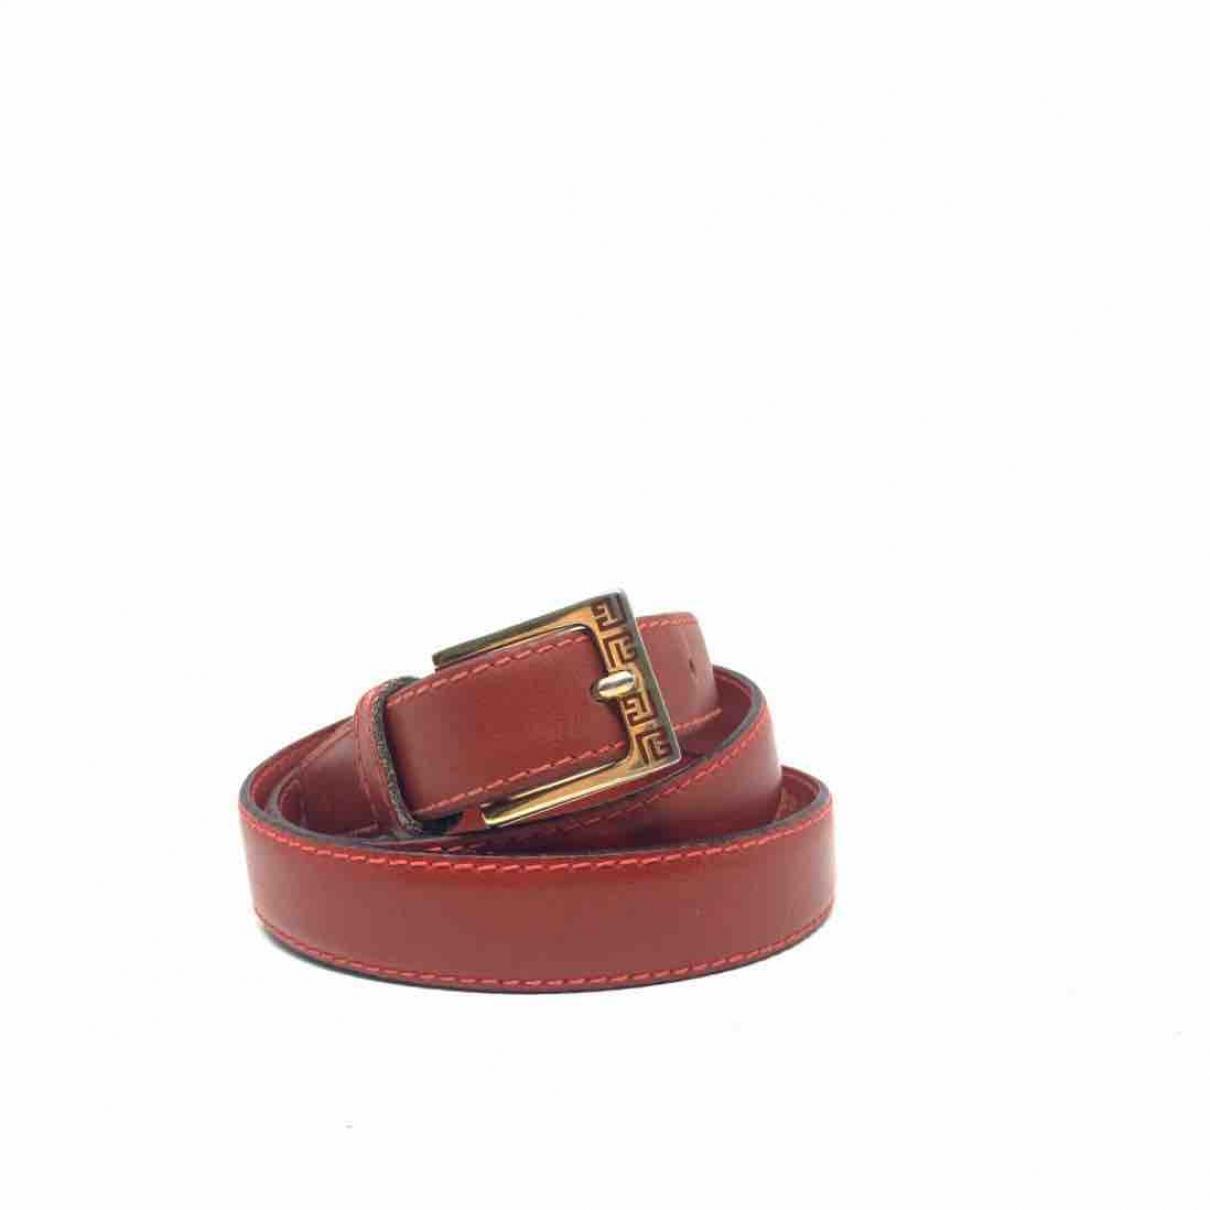 Pierre Balmain \N Red Leather belt for Women 75 cm